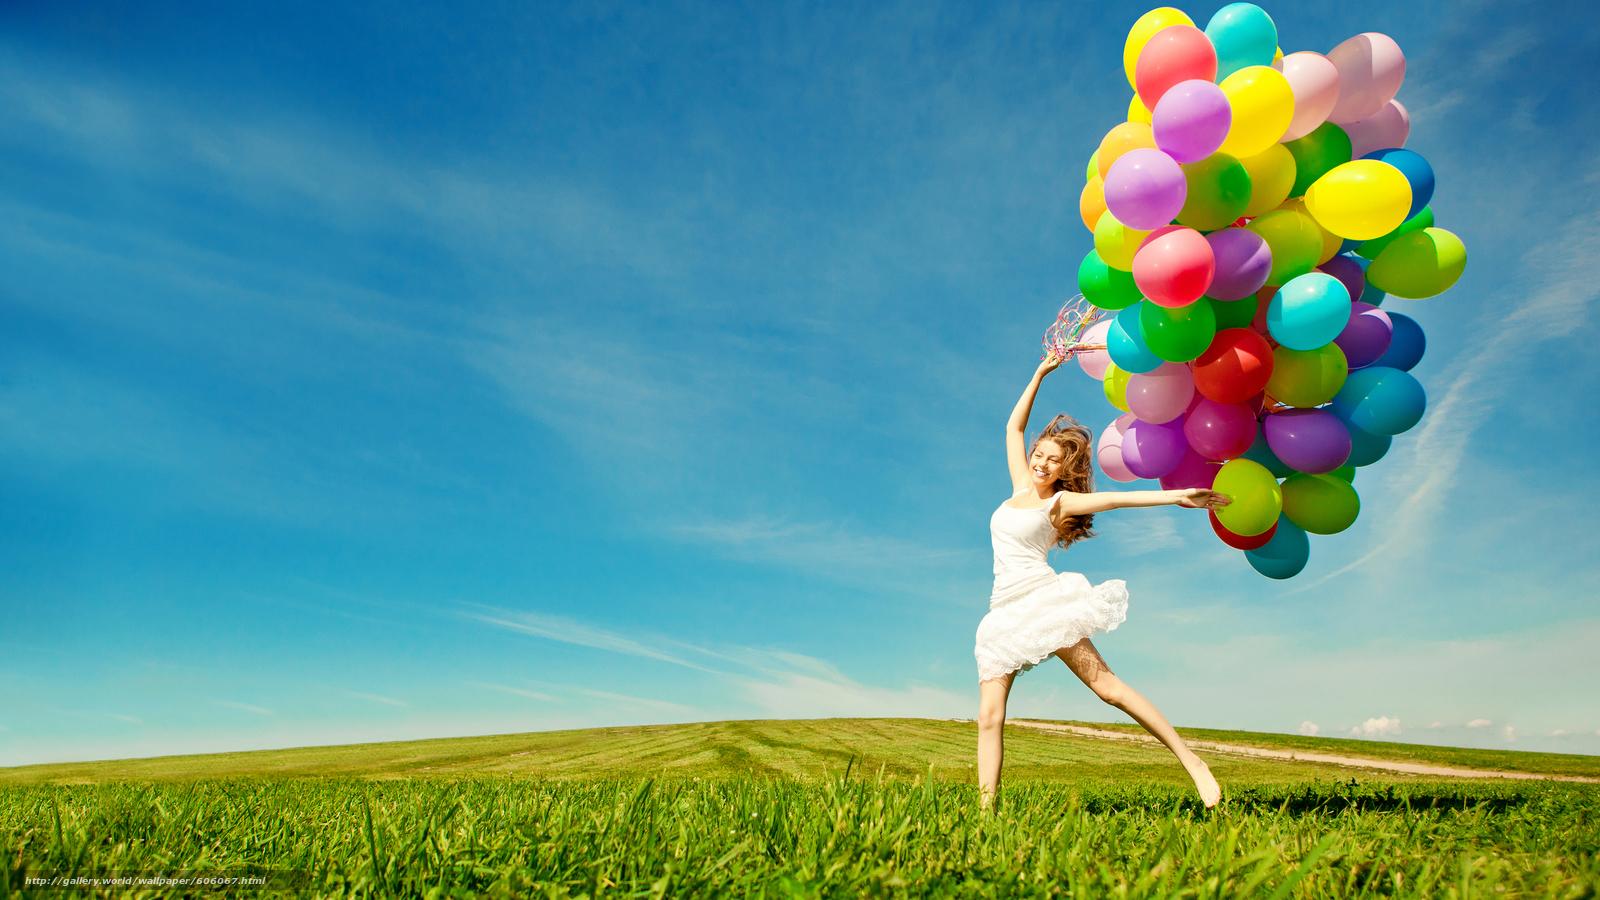 Скачать обои girl,  baby,  little,  sports бесплатно для рабочего стола в разрешении 2845x1600 — картинка №606067